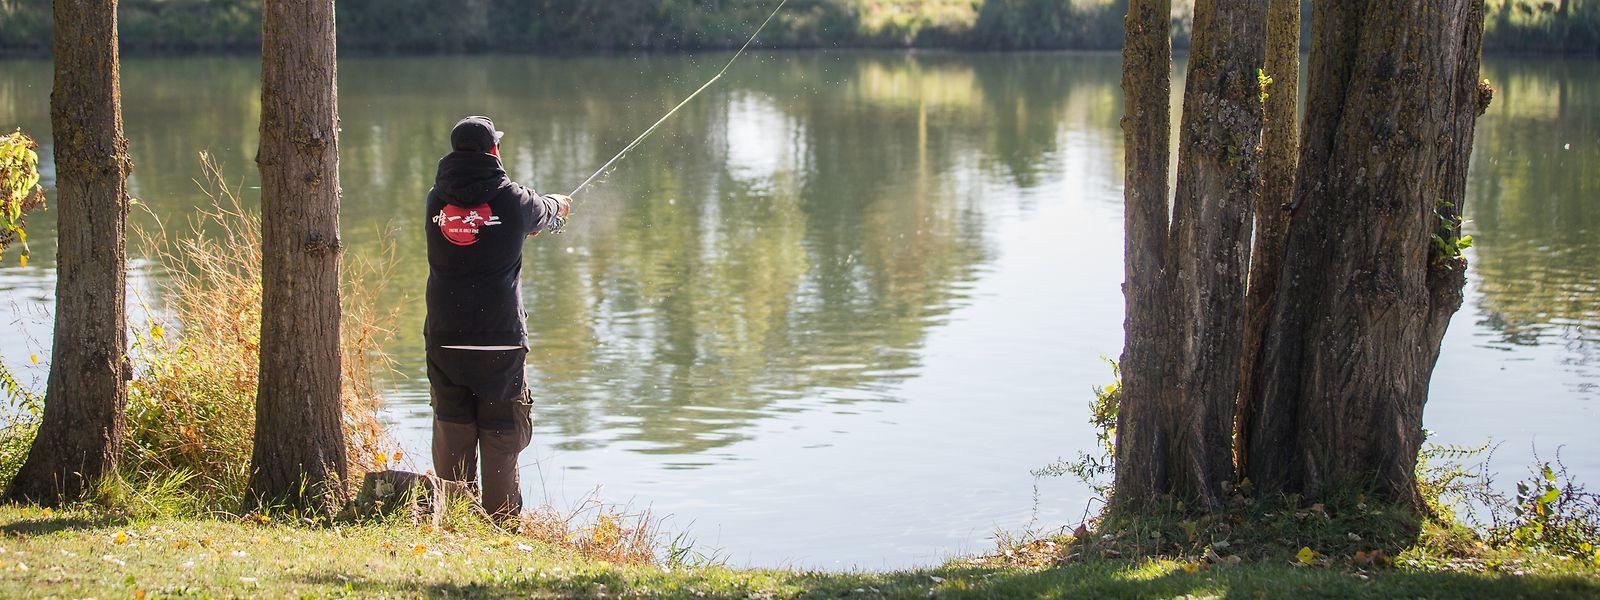 Wenn Angler an der Mosel ihre Haken auswerfen, ist die Wahrscheinlichkeit groß, dass sie eine Grundel fangen. Die Präsenz dieser Fische hat dort in den vergangenen Jahren stark zugenommen.